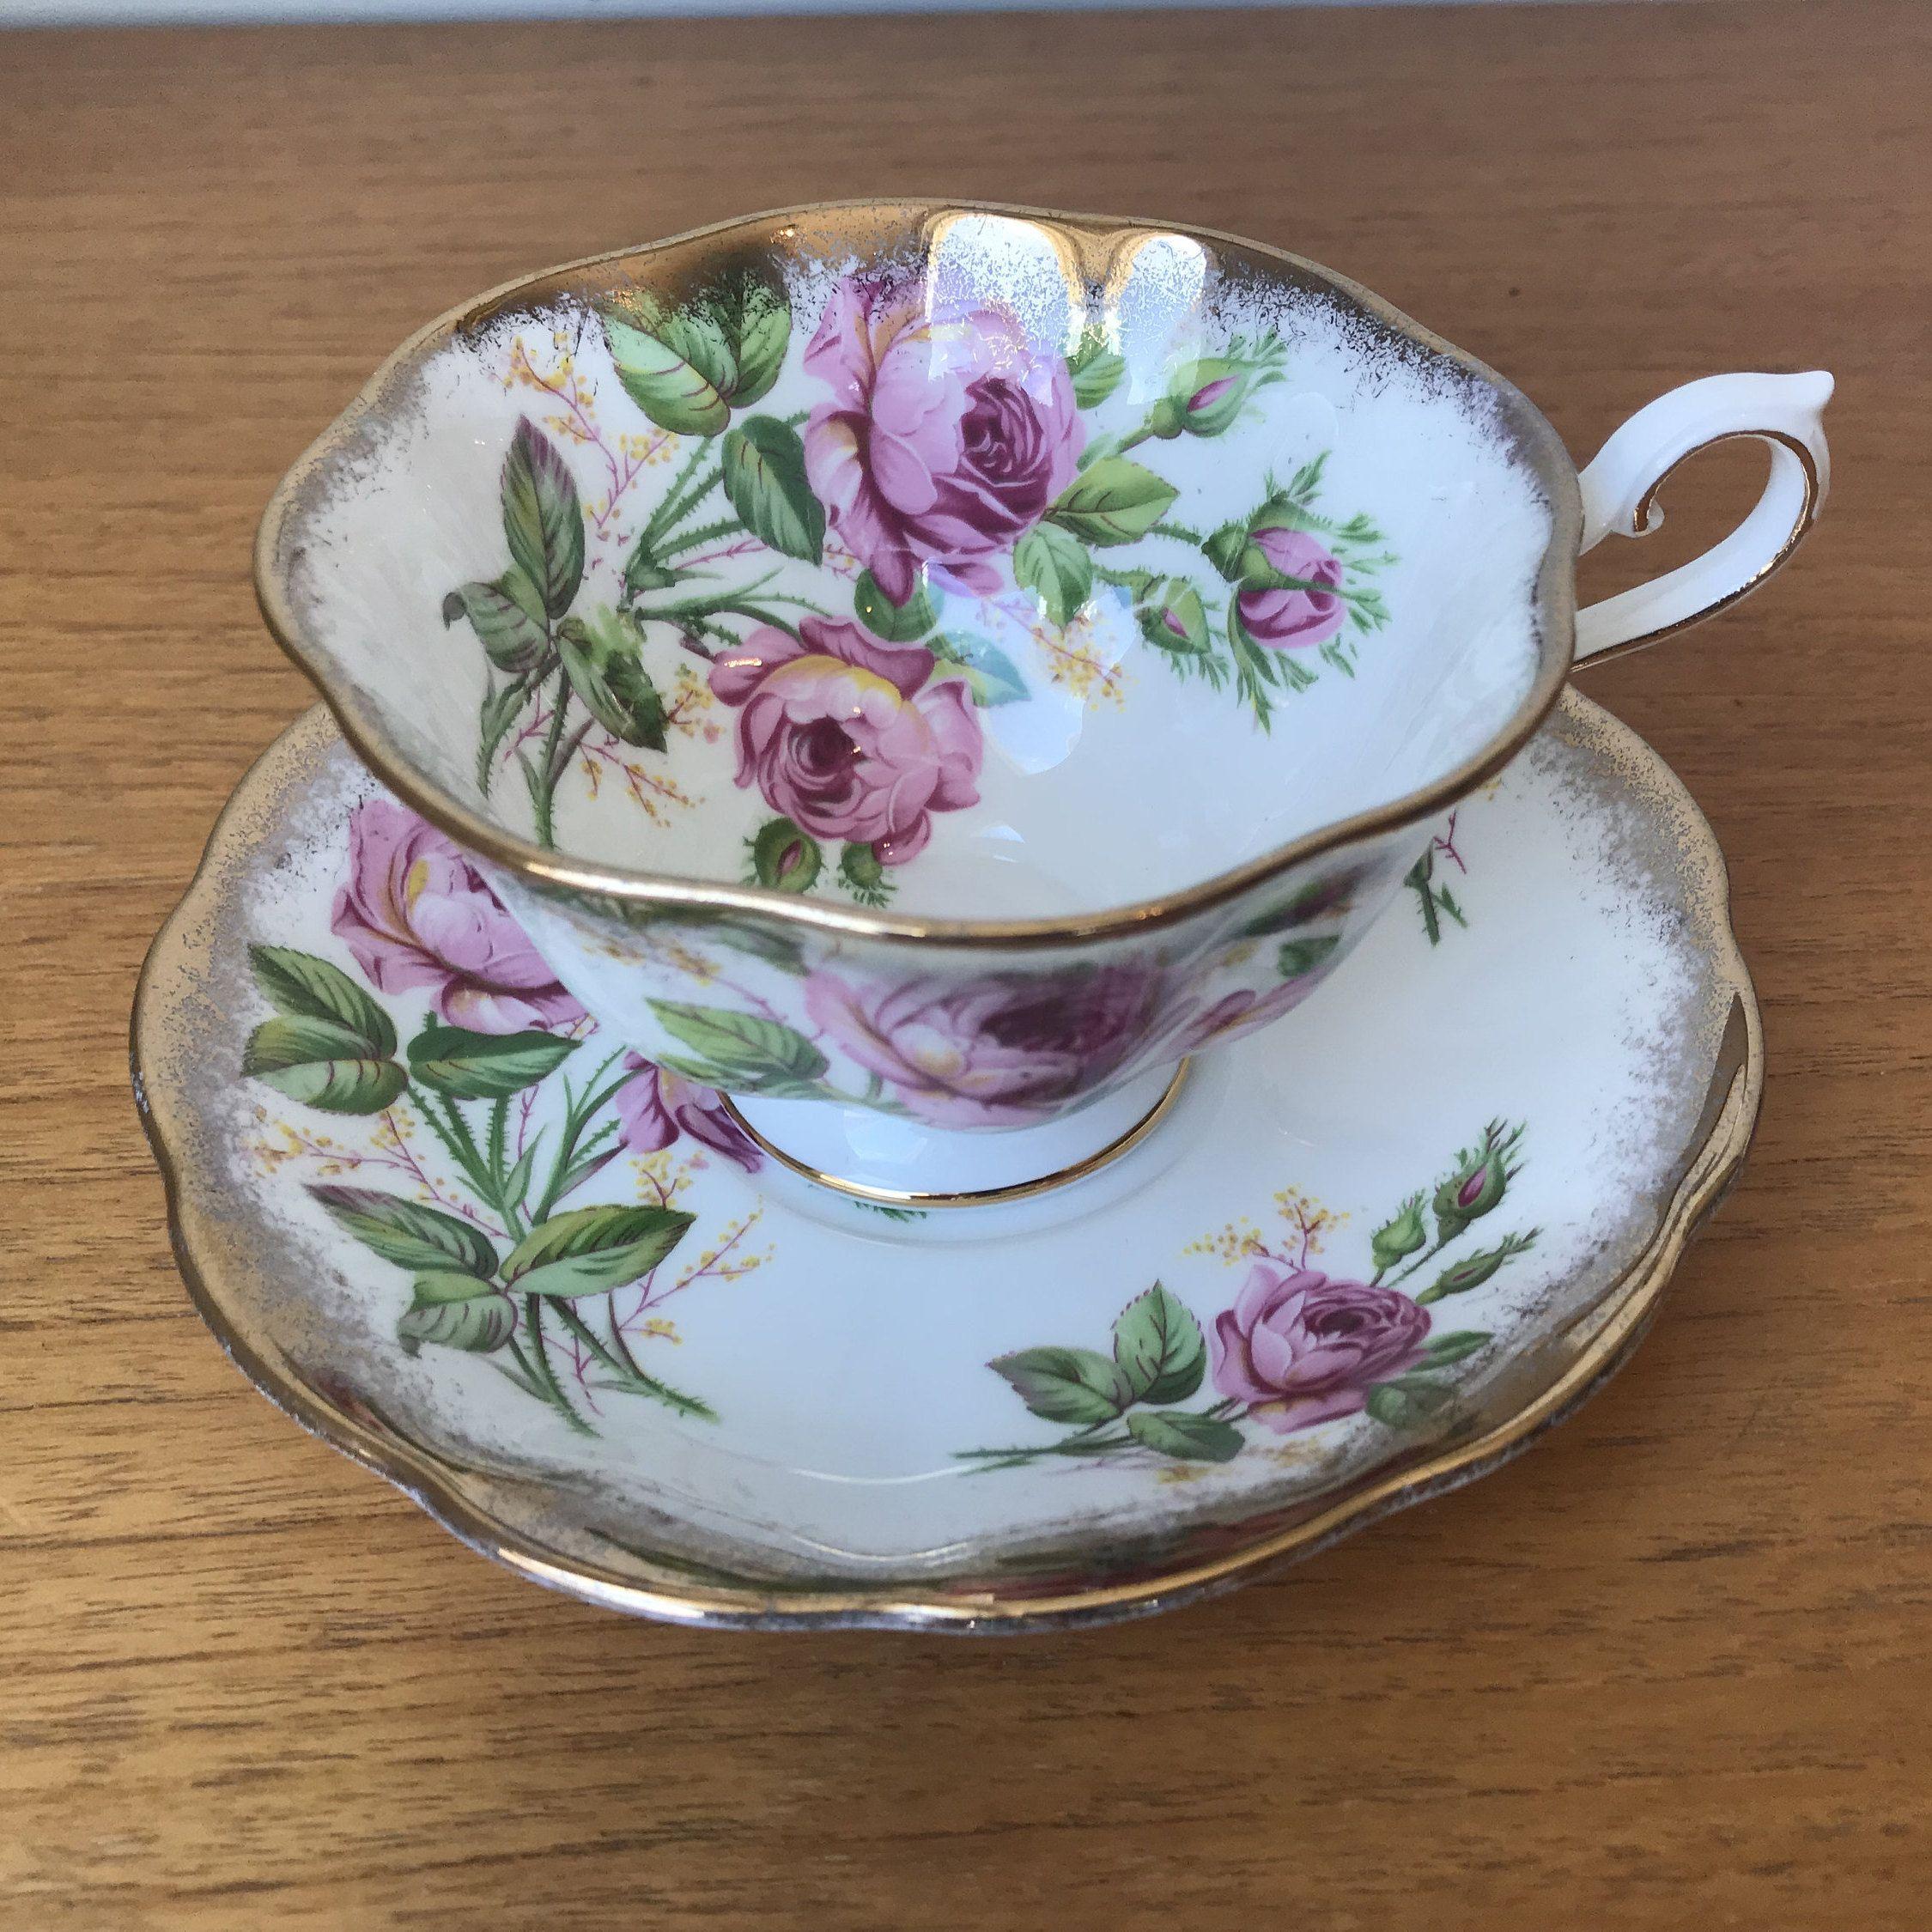 Pink Rose China Tea Cup and Saucer, Royal Albert Teacup and Saucer, Heavy Gold, Bone China #teacups